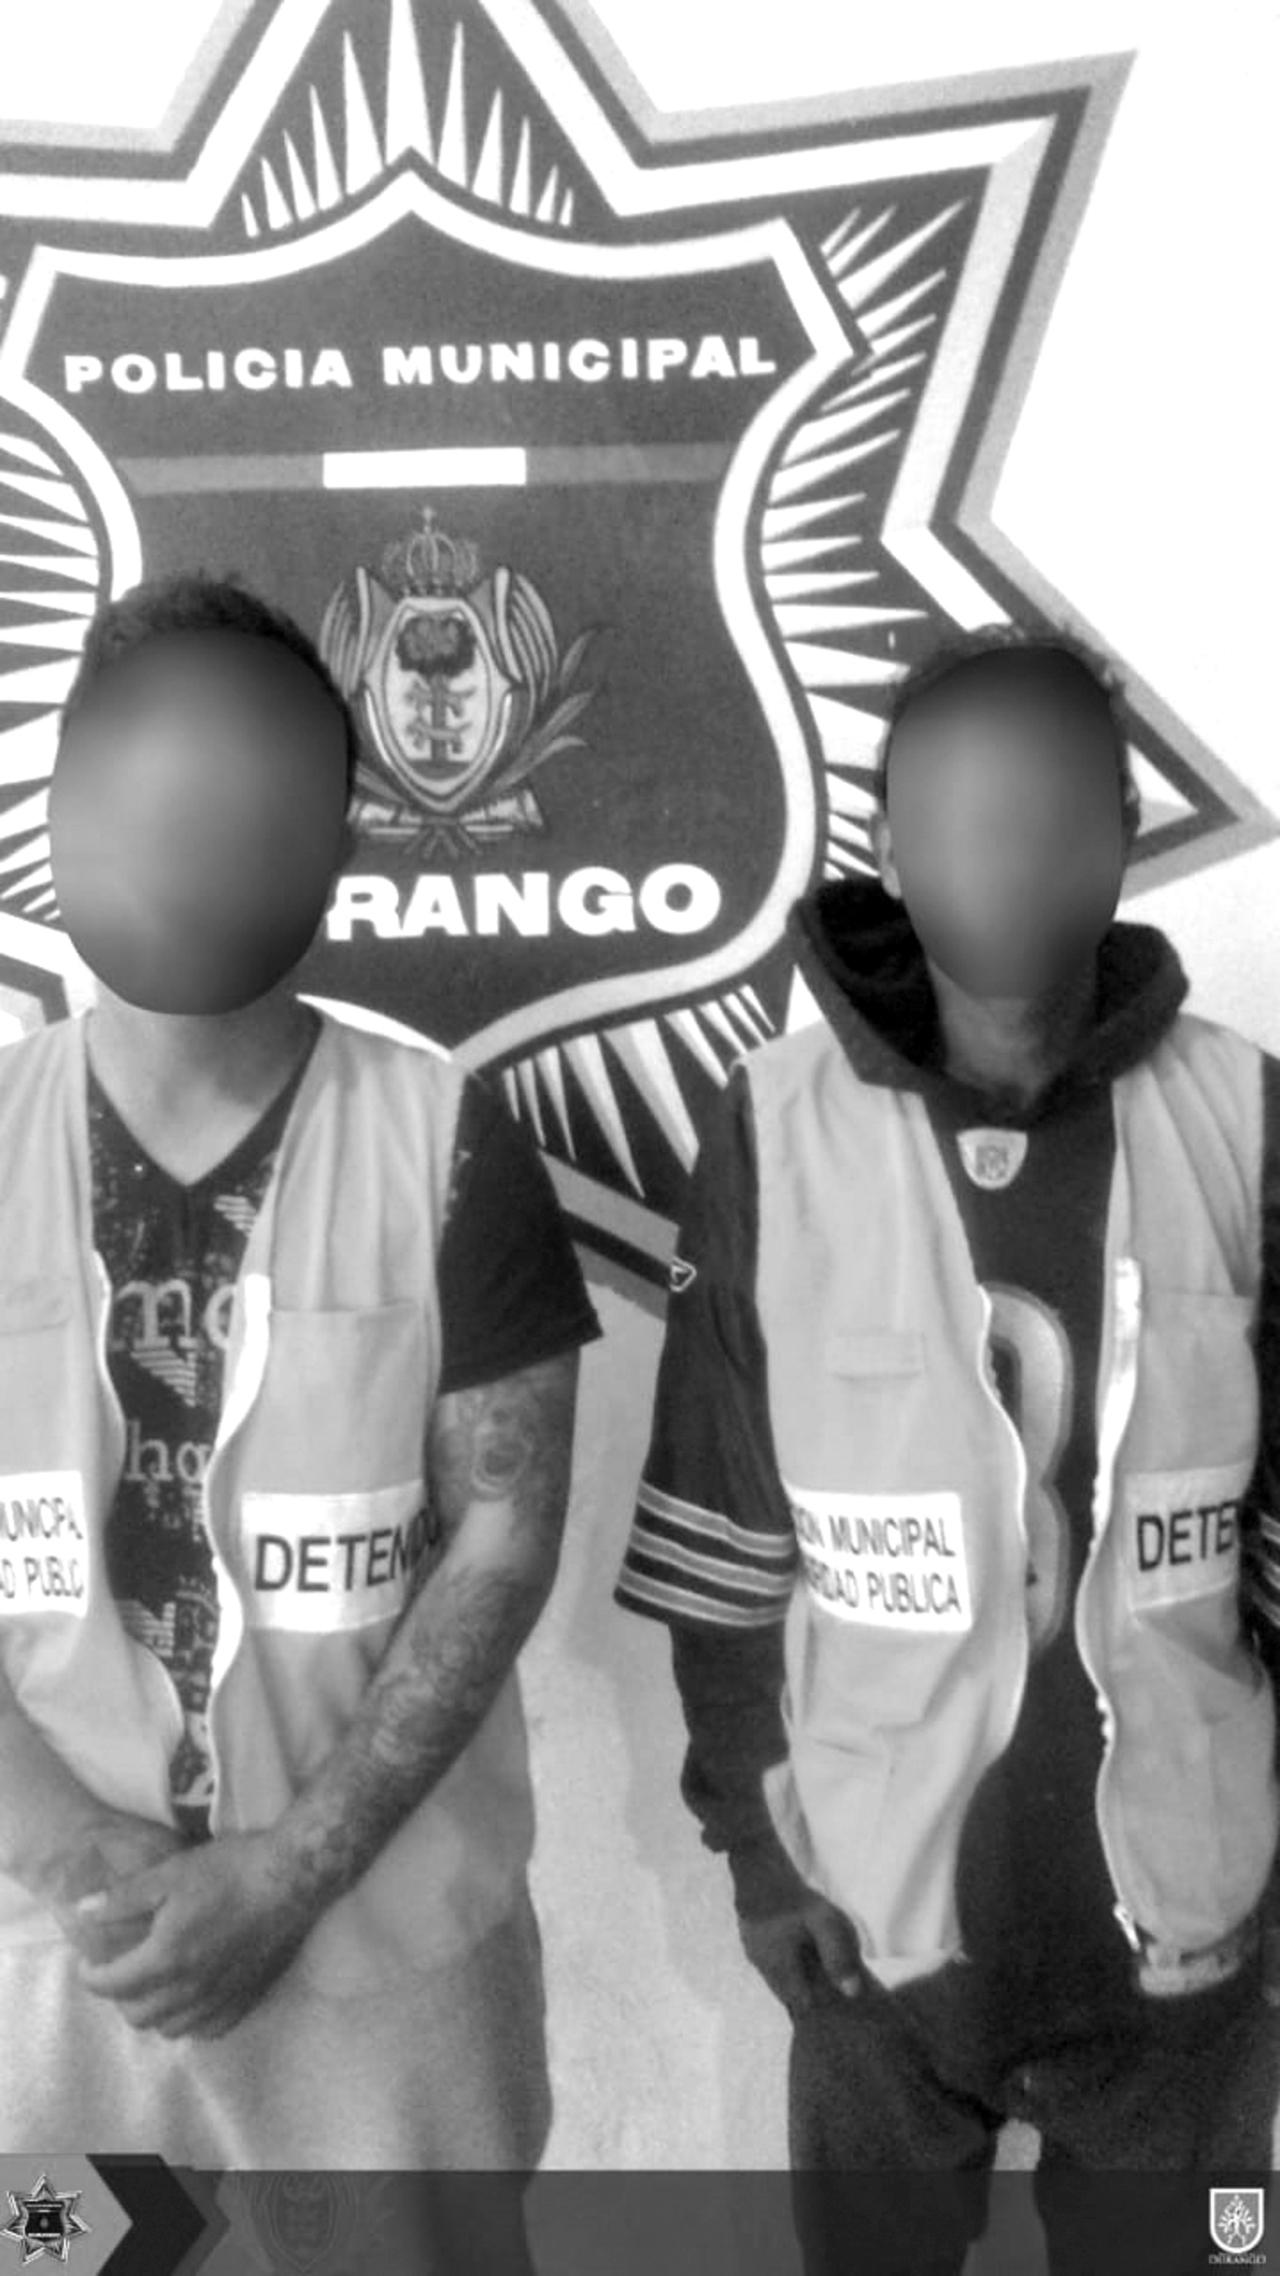 Tres involucrados en riña; detenidos